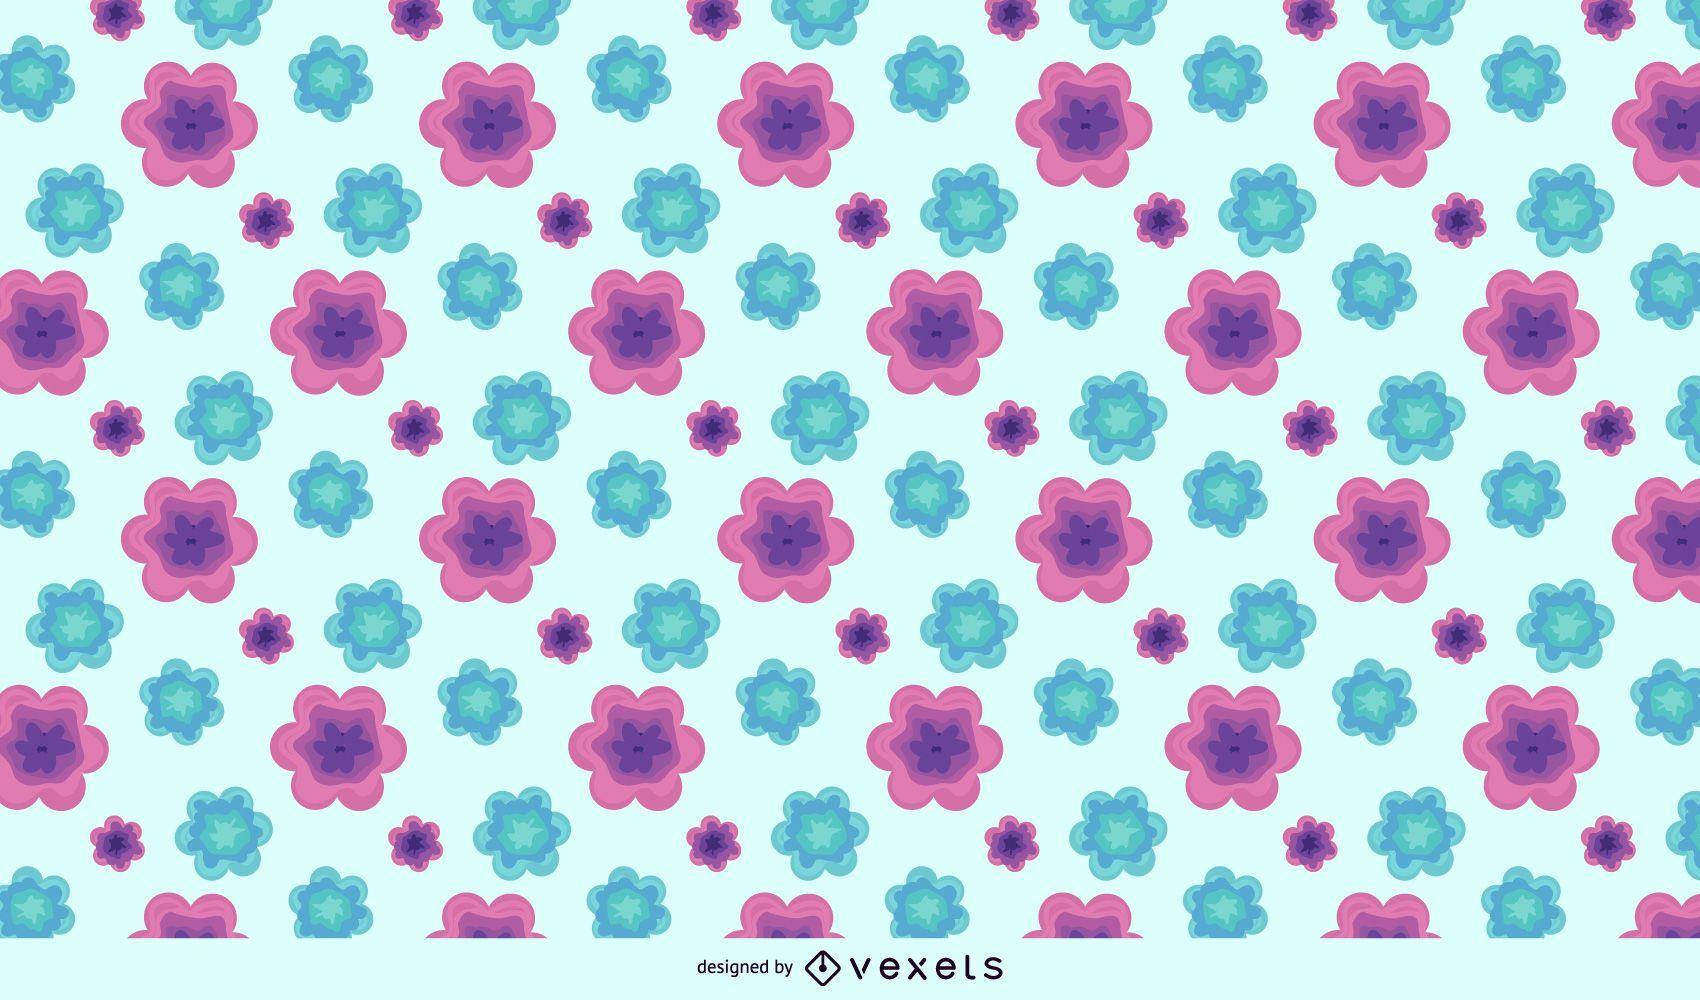 Patr?n de flor abstracta verde p?rpura